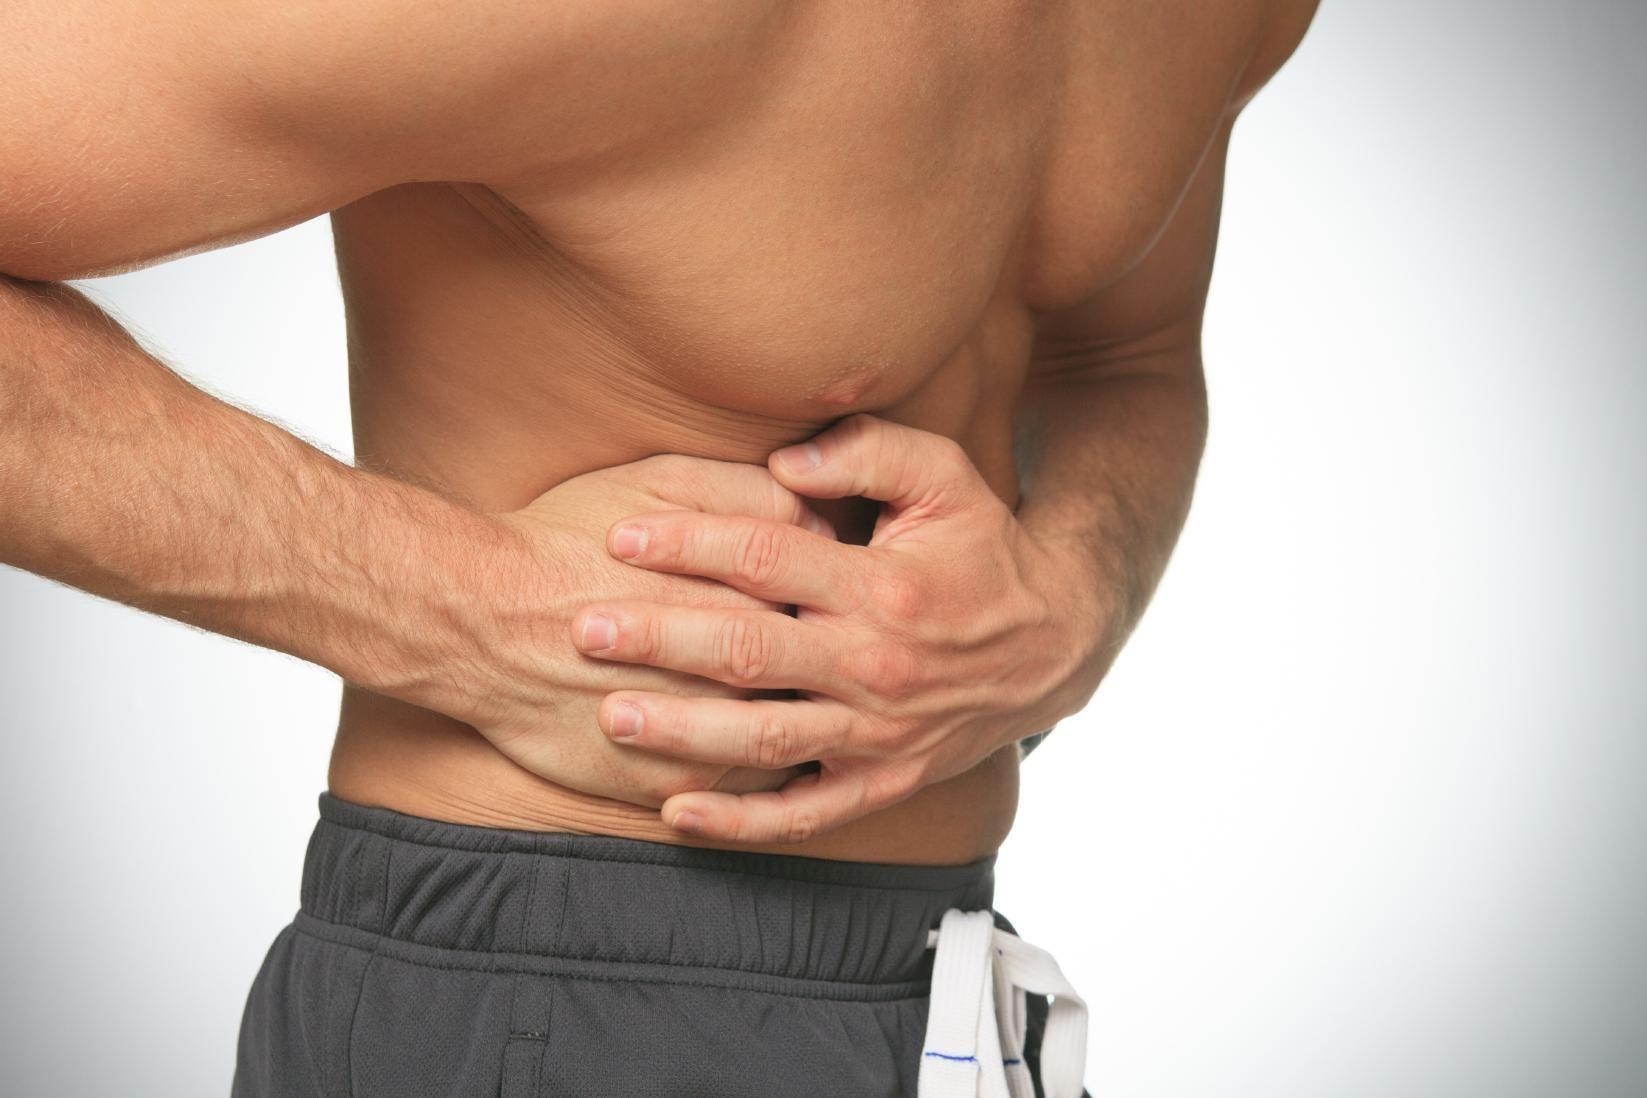 Pourquoi les articulations font-elles mal à la prostate?